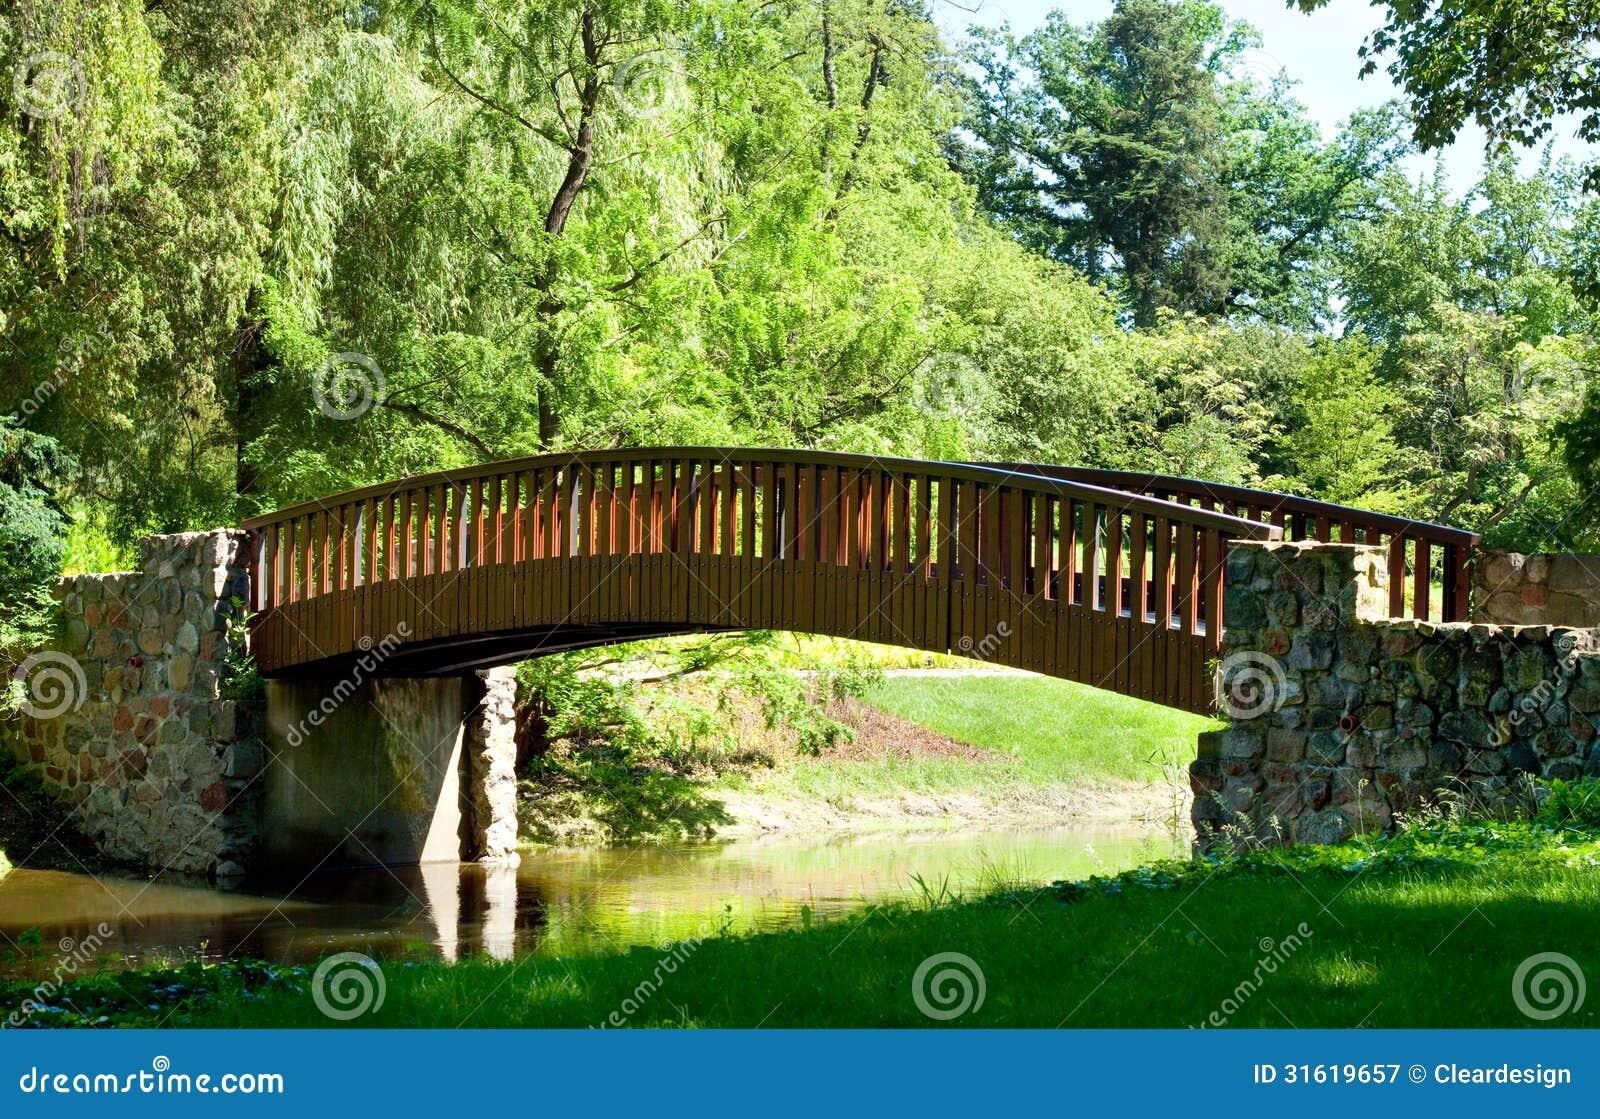 spring garden bridge park - photo #17